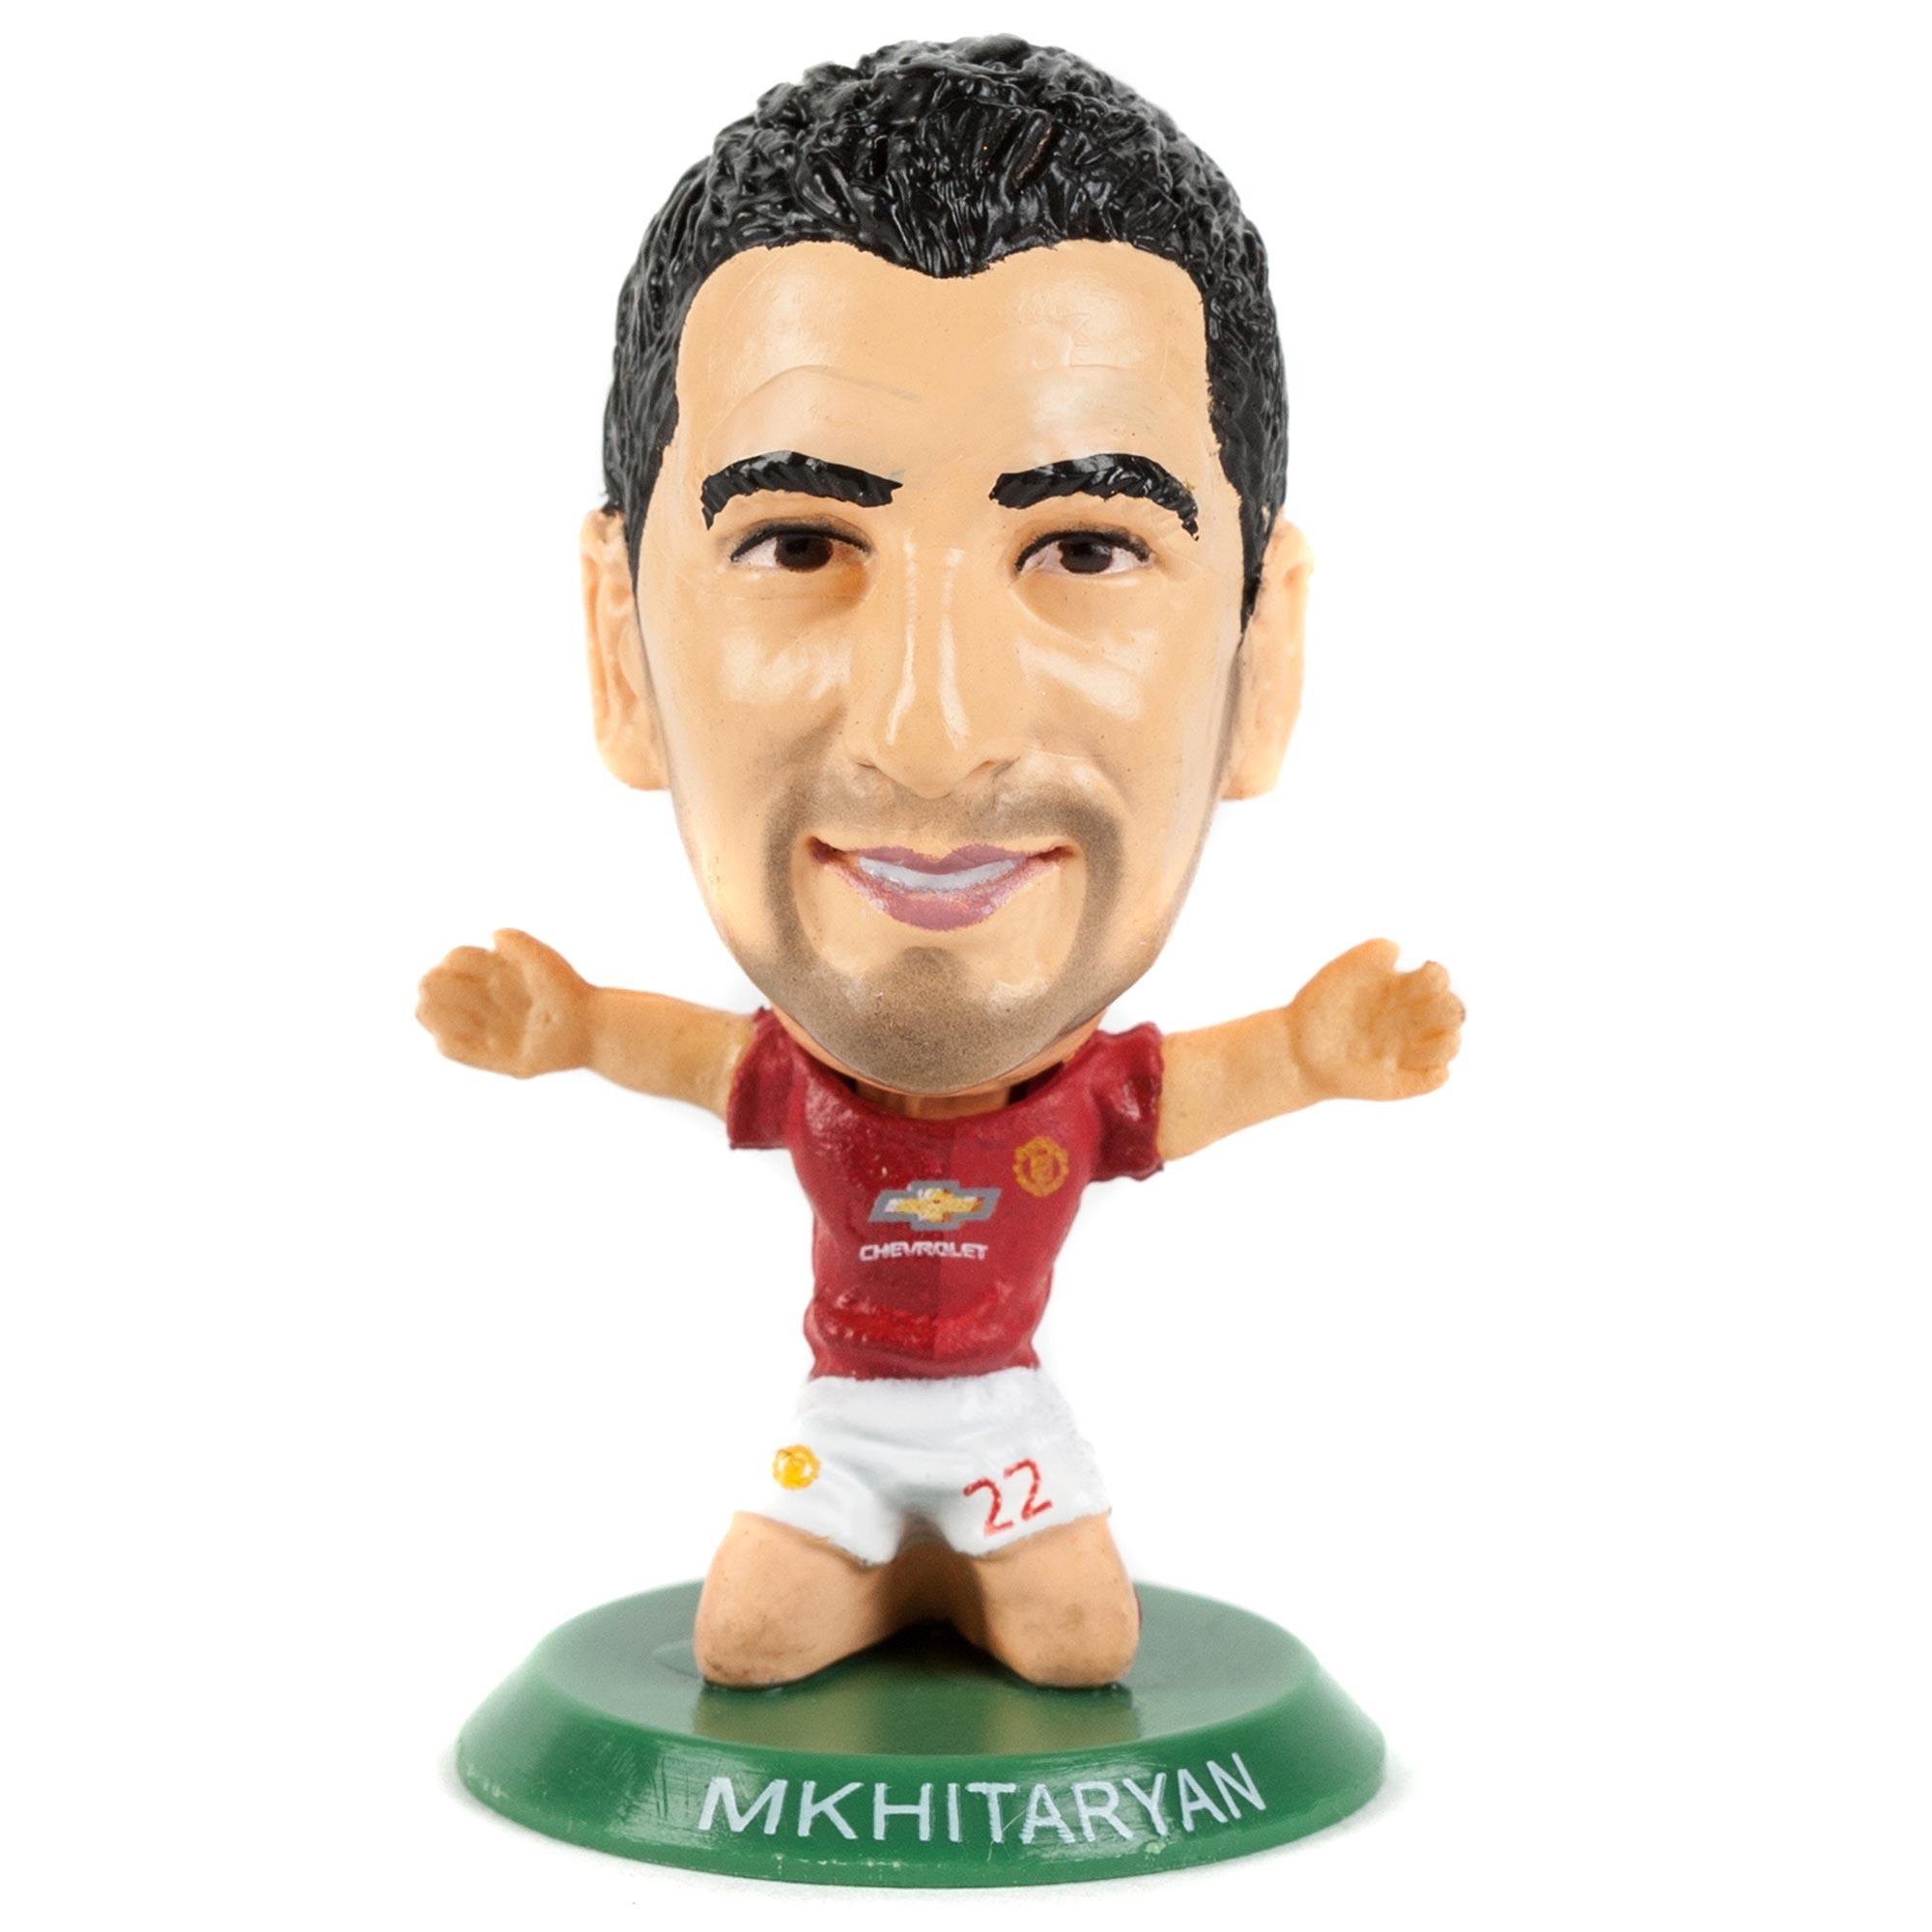 Manchester United 2017 Mkhitaryan SoccerStarz